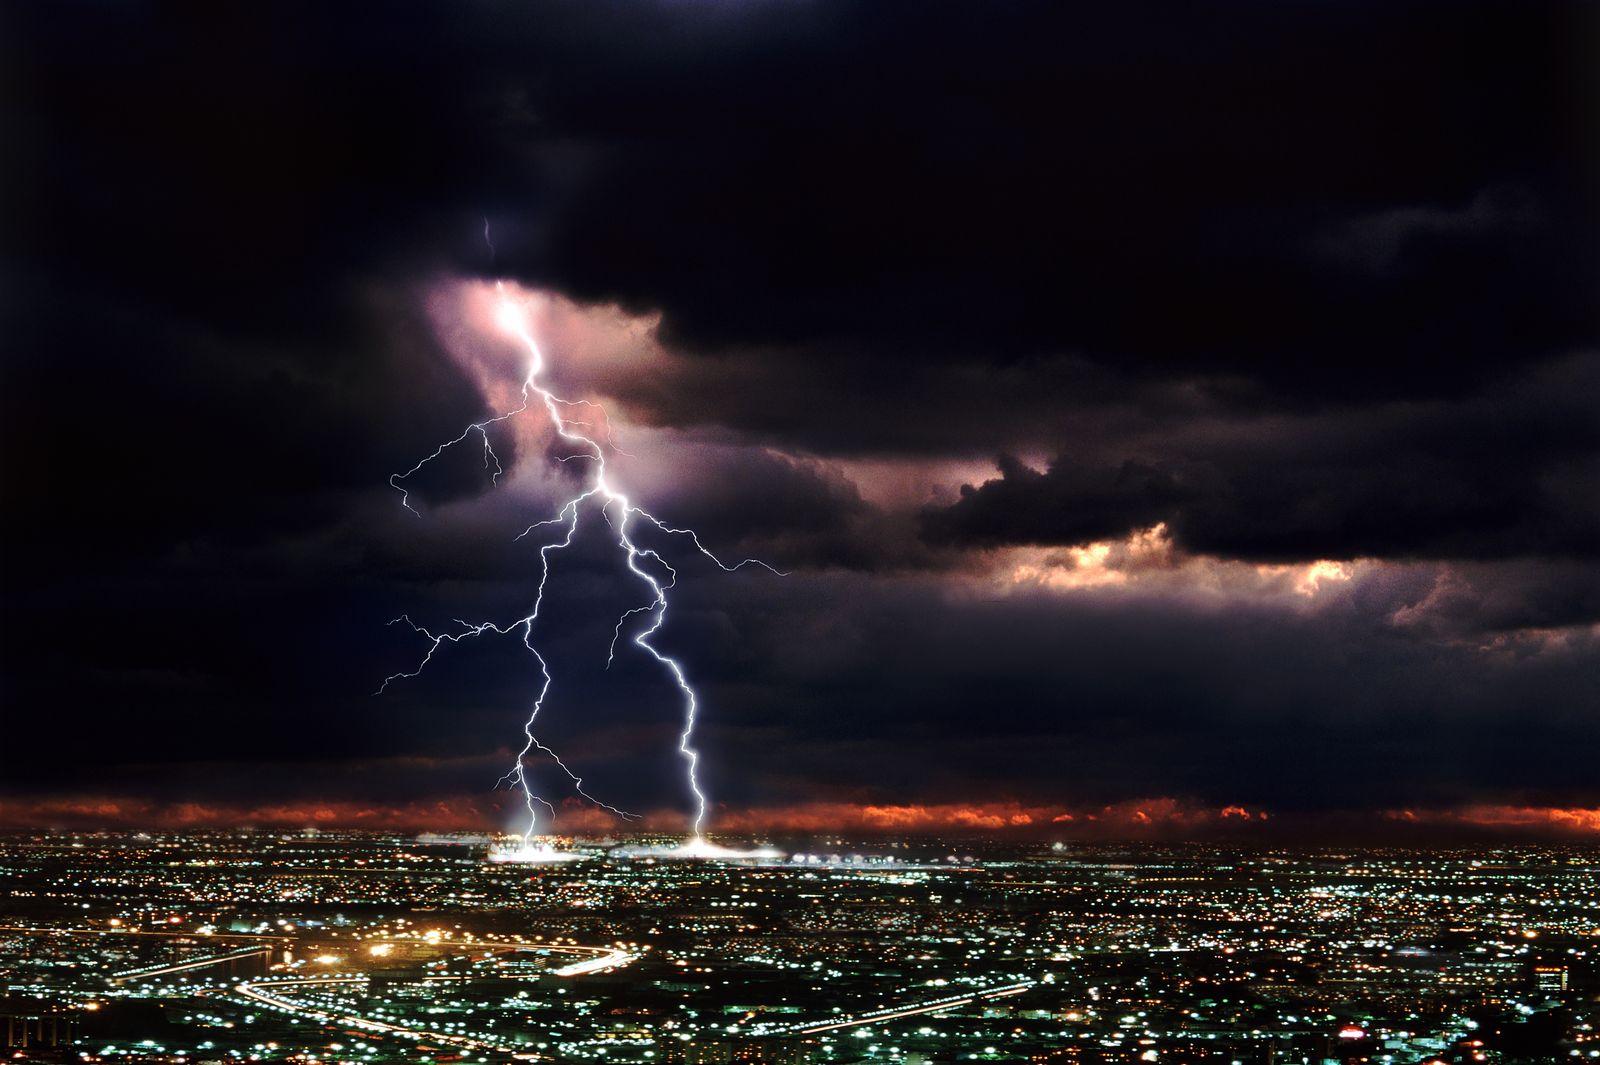 NICHT MEHR VERWENDEN! - Unwetter / Sturm / Blitz